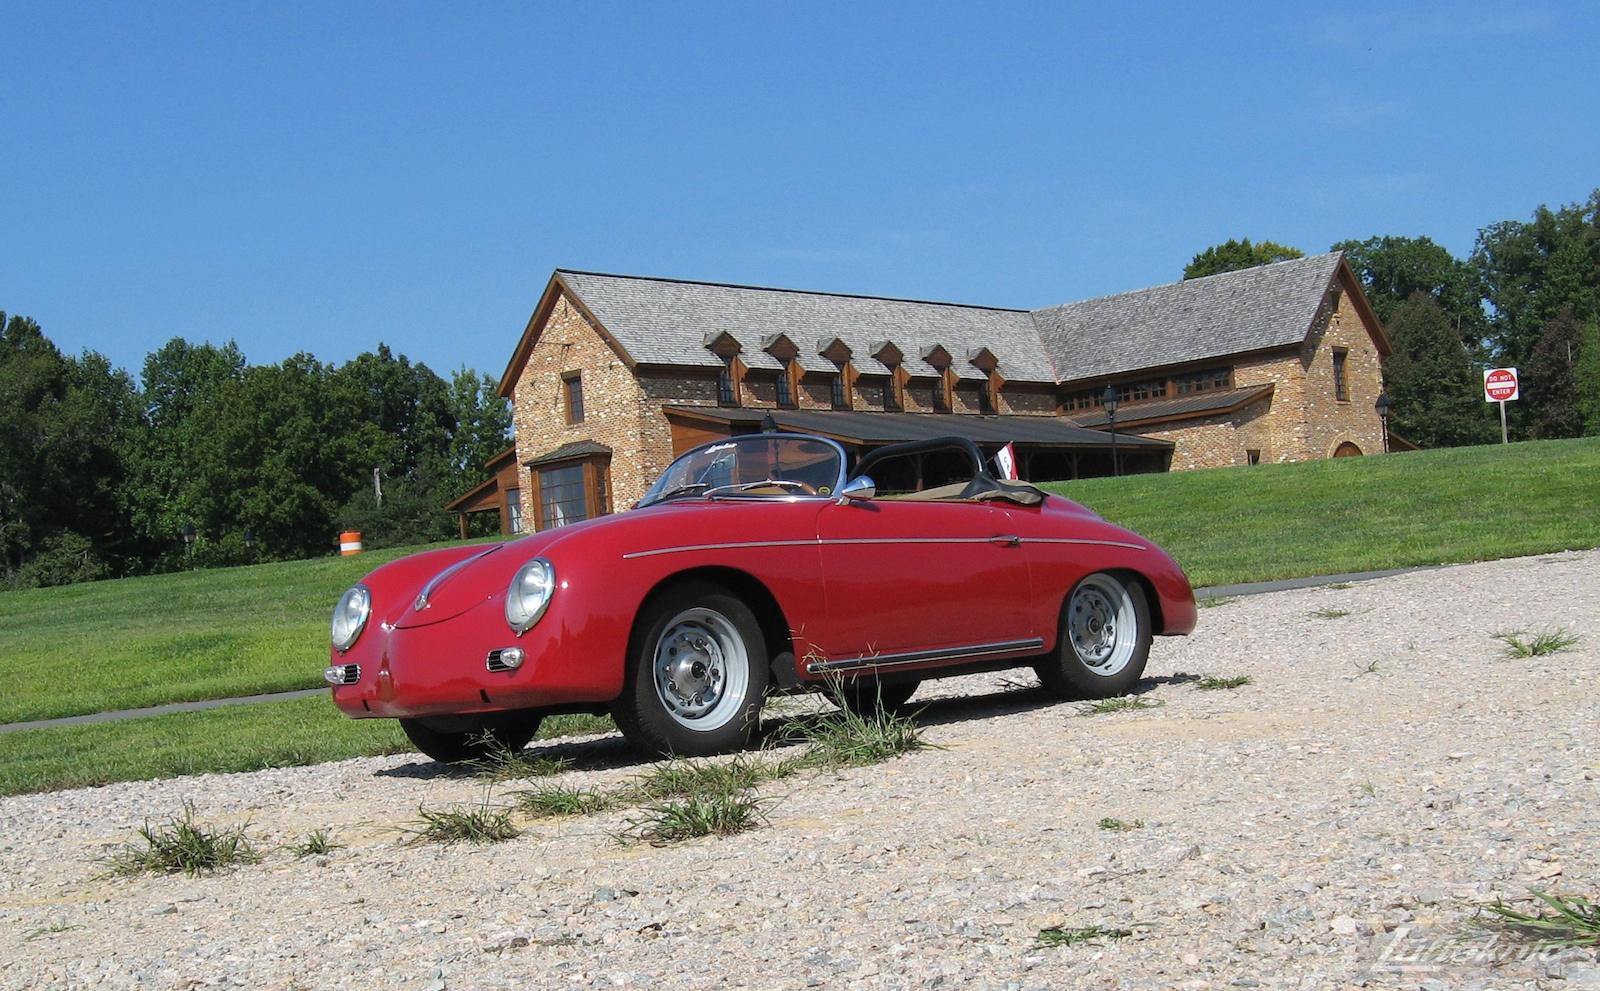 Red 1957 Porsche 356A Speedster